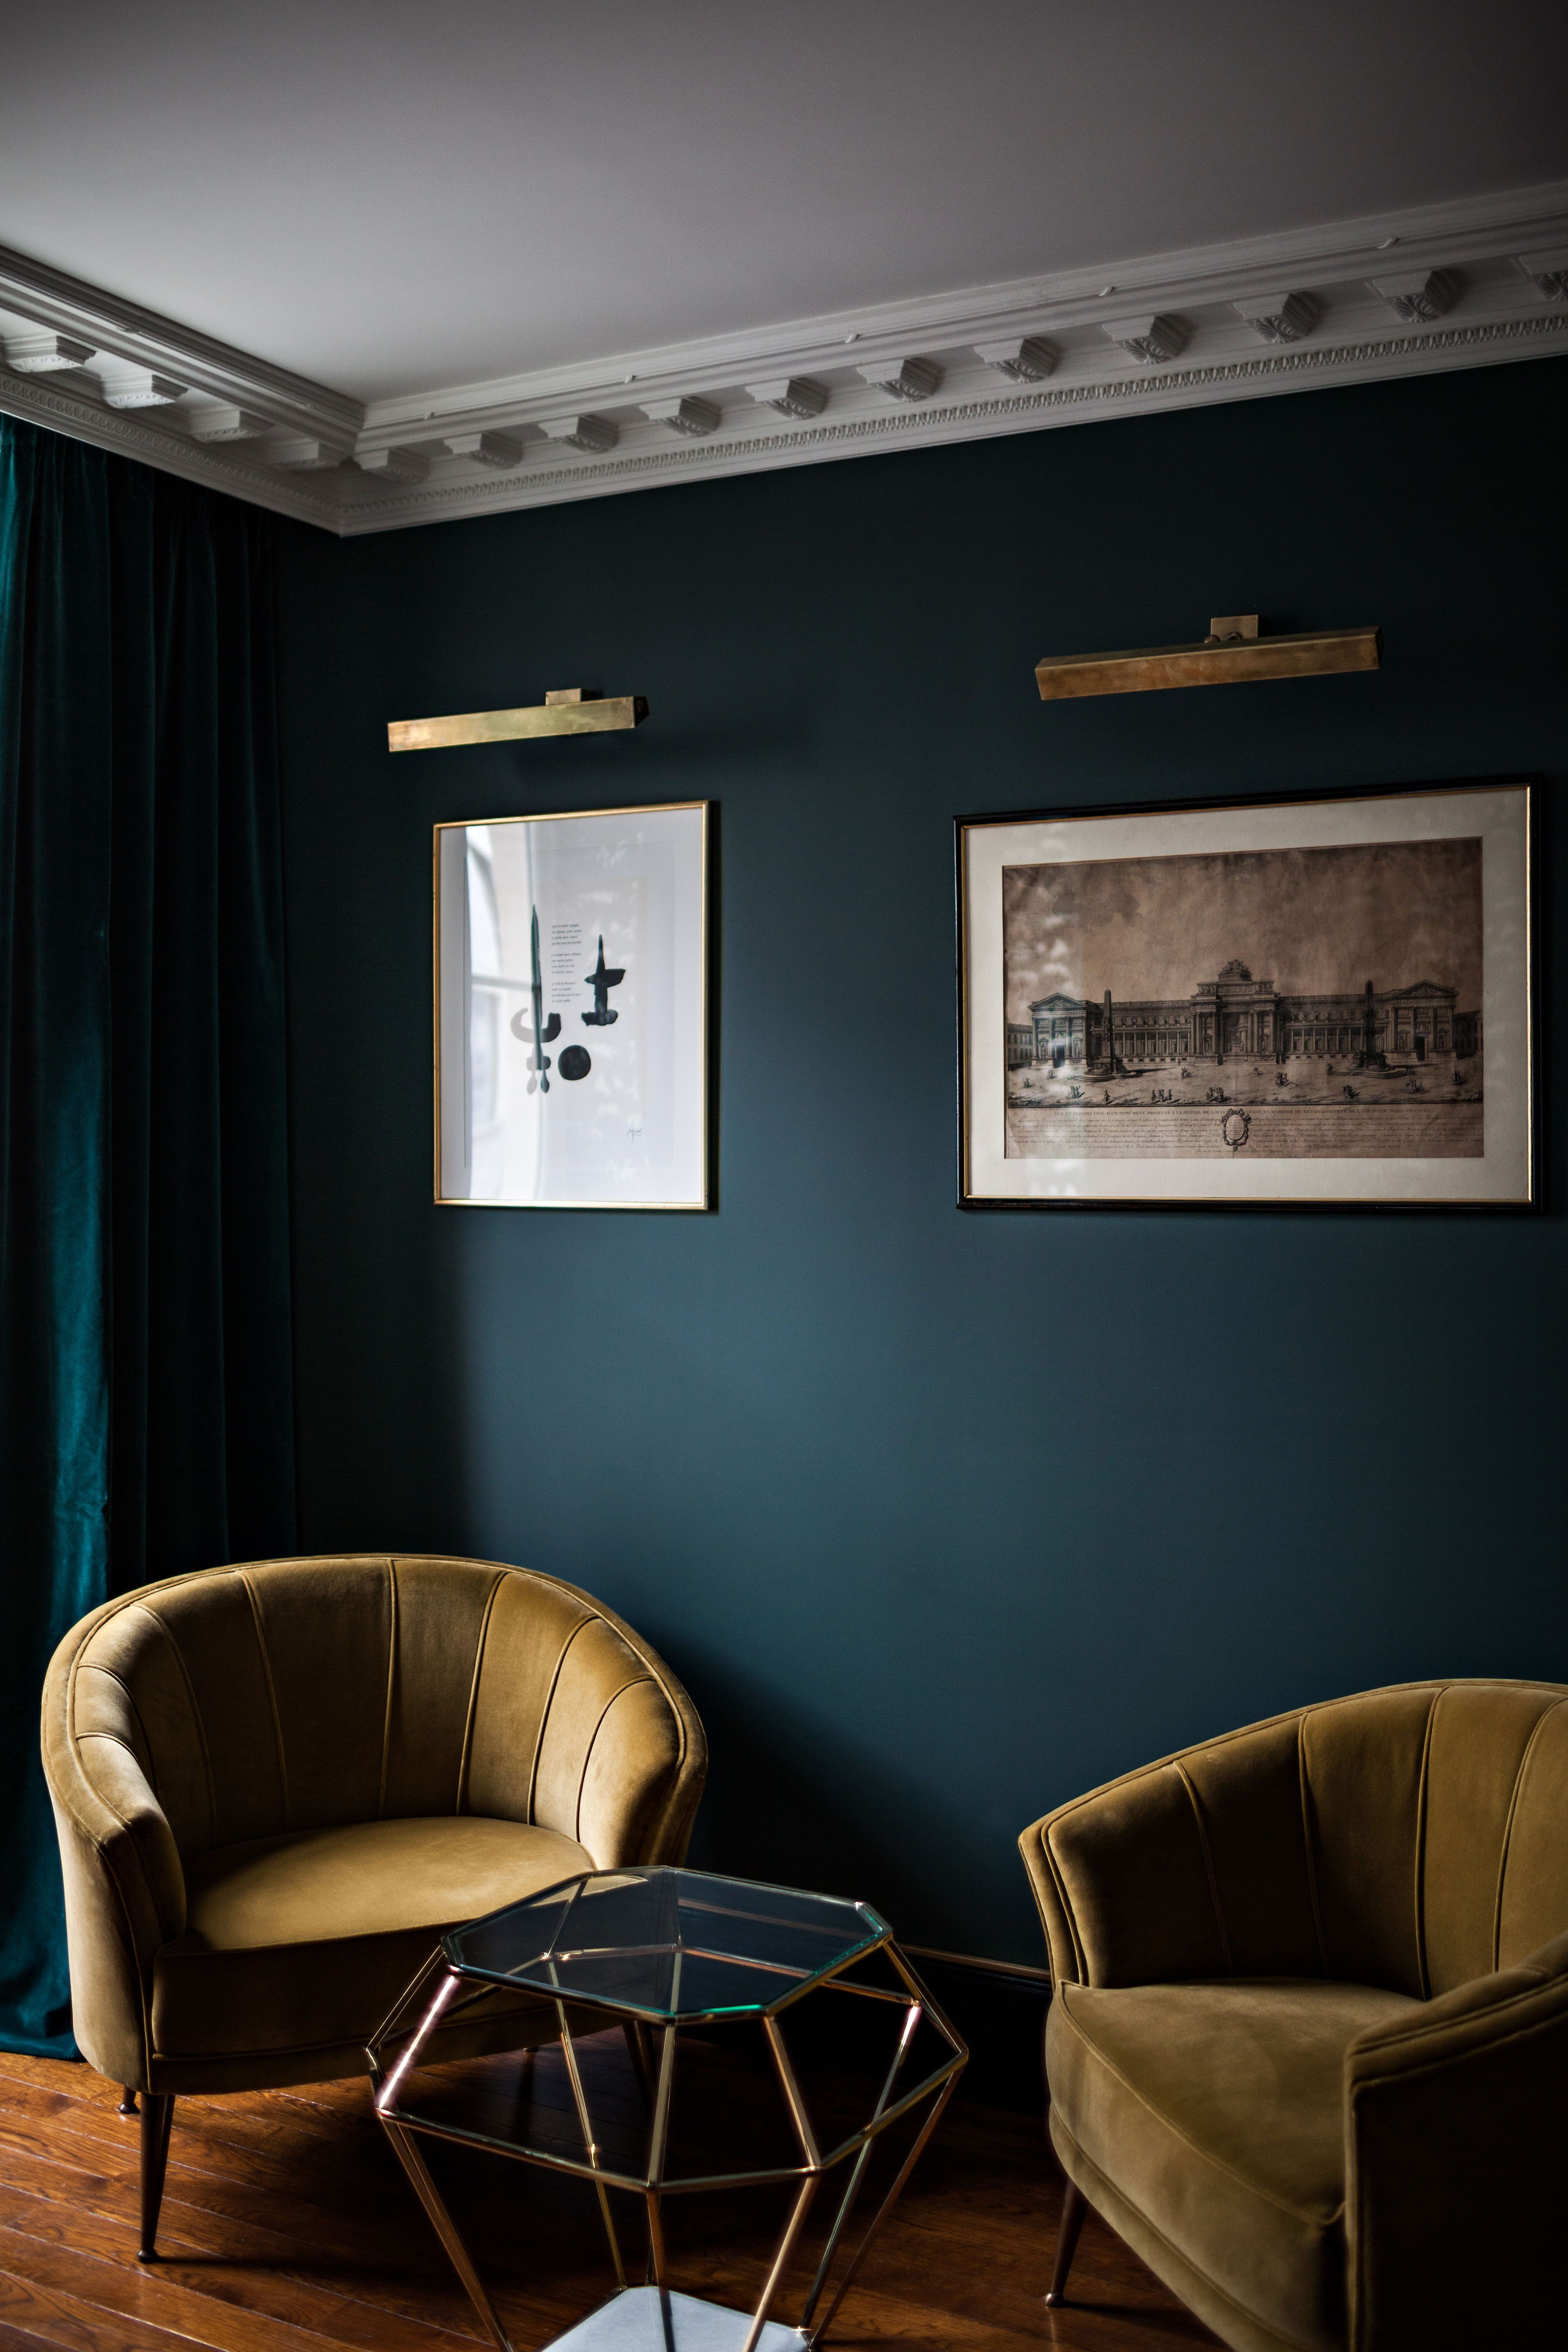 dunkel kontrast im wohnzimmer | 20er jahre | pinterest ... - Wohnzimmer Ideen Dunkle Mobel